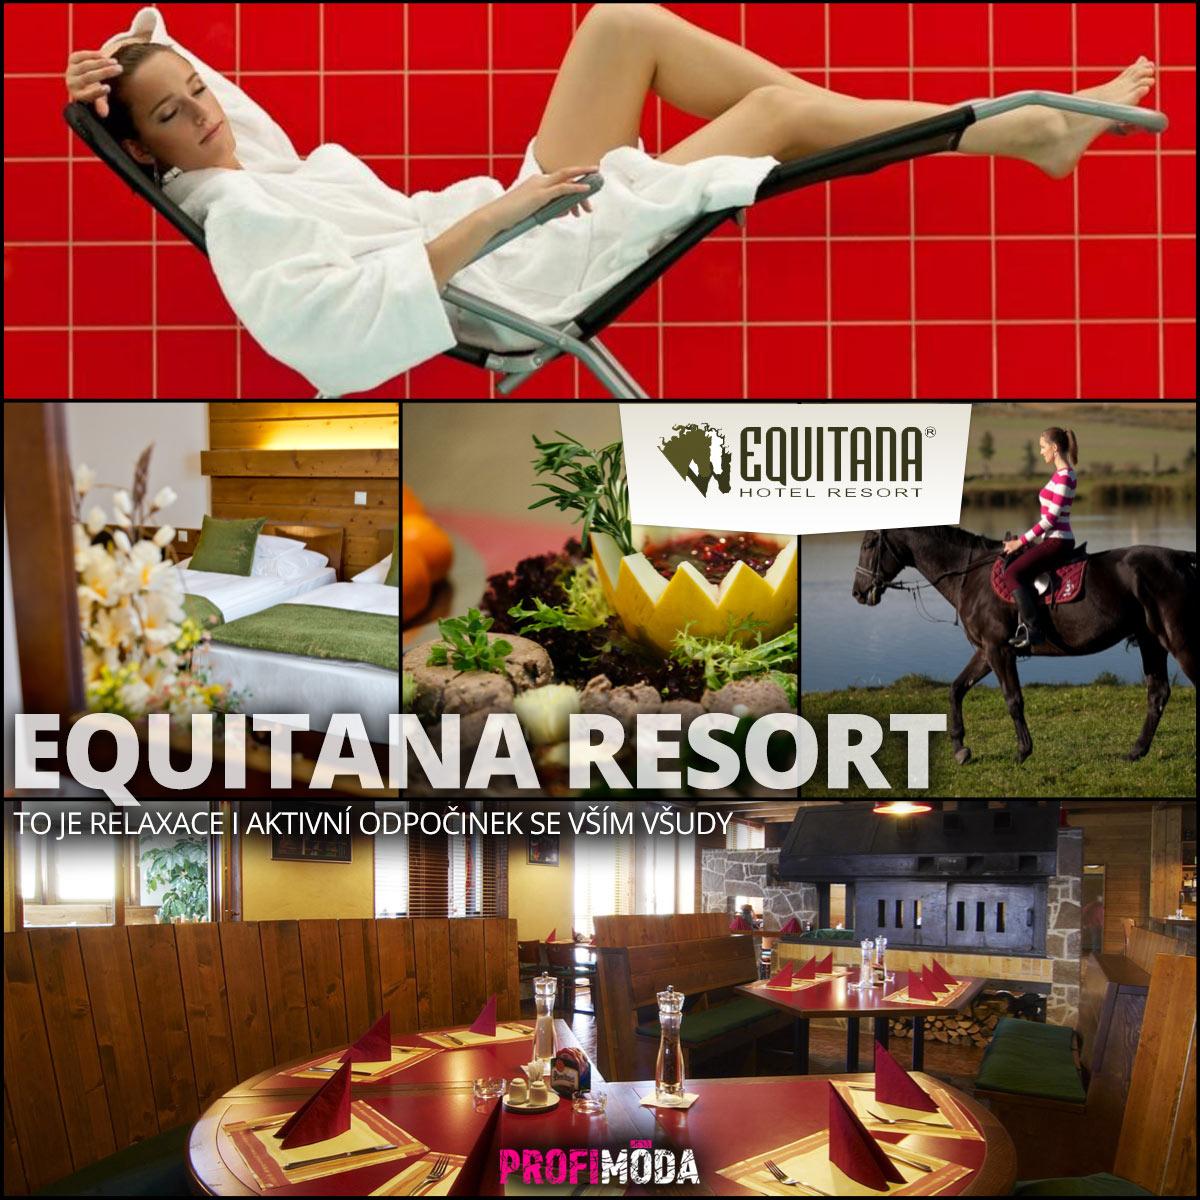 Equitana –to je relaxace i aktivní odpočinek se vším všudy.